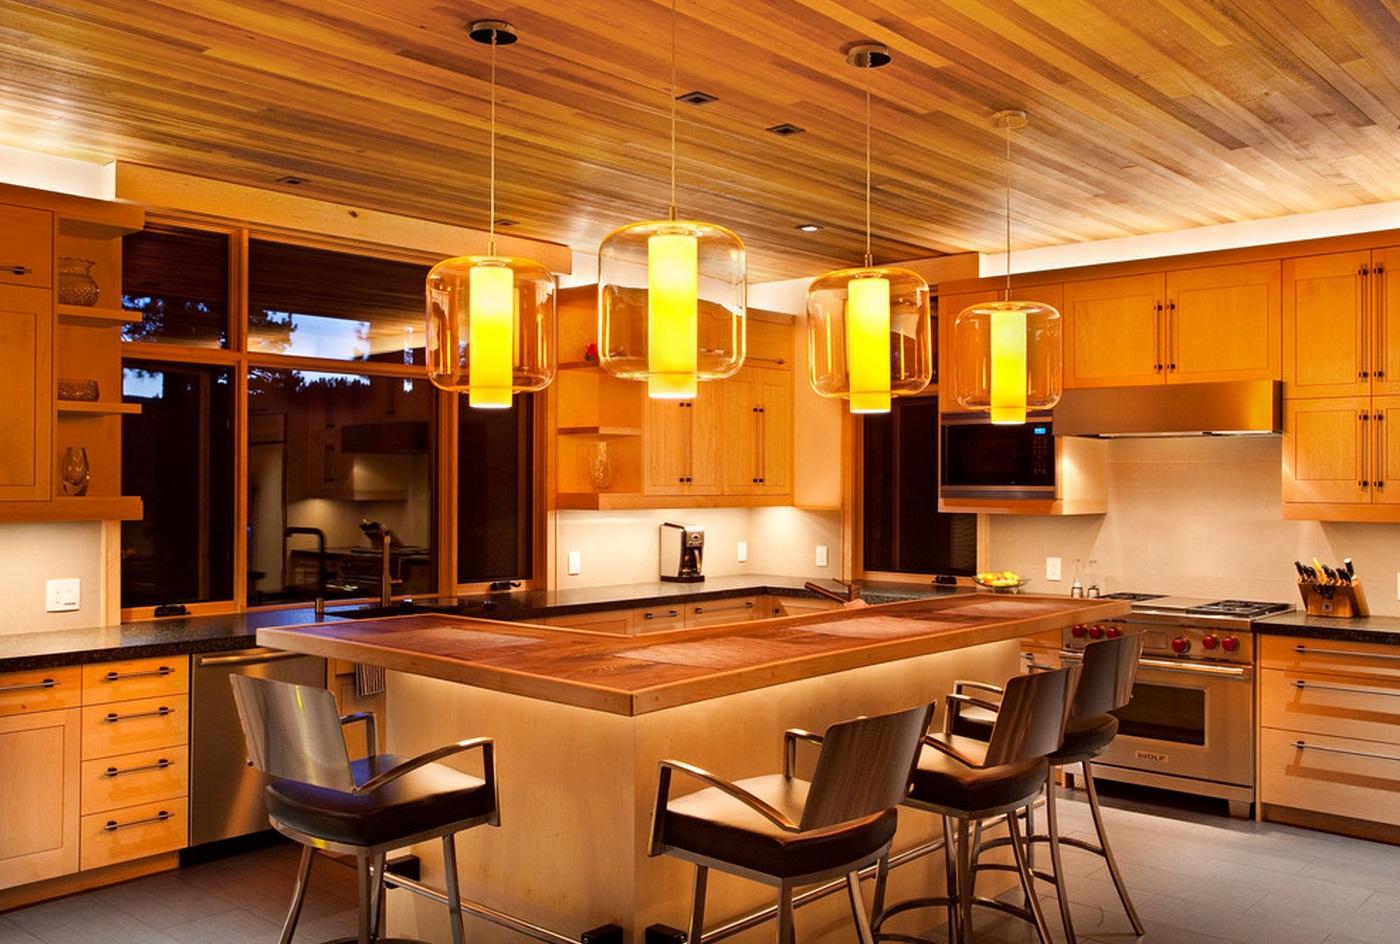 Деревянный потолок на кухне с барной стойкой